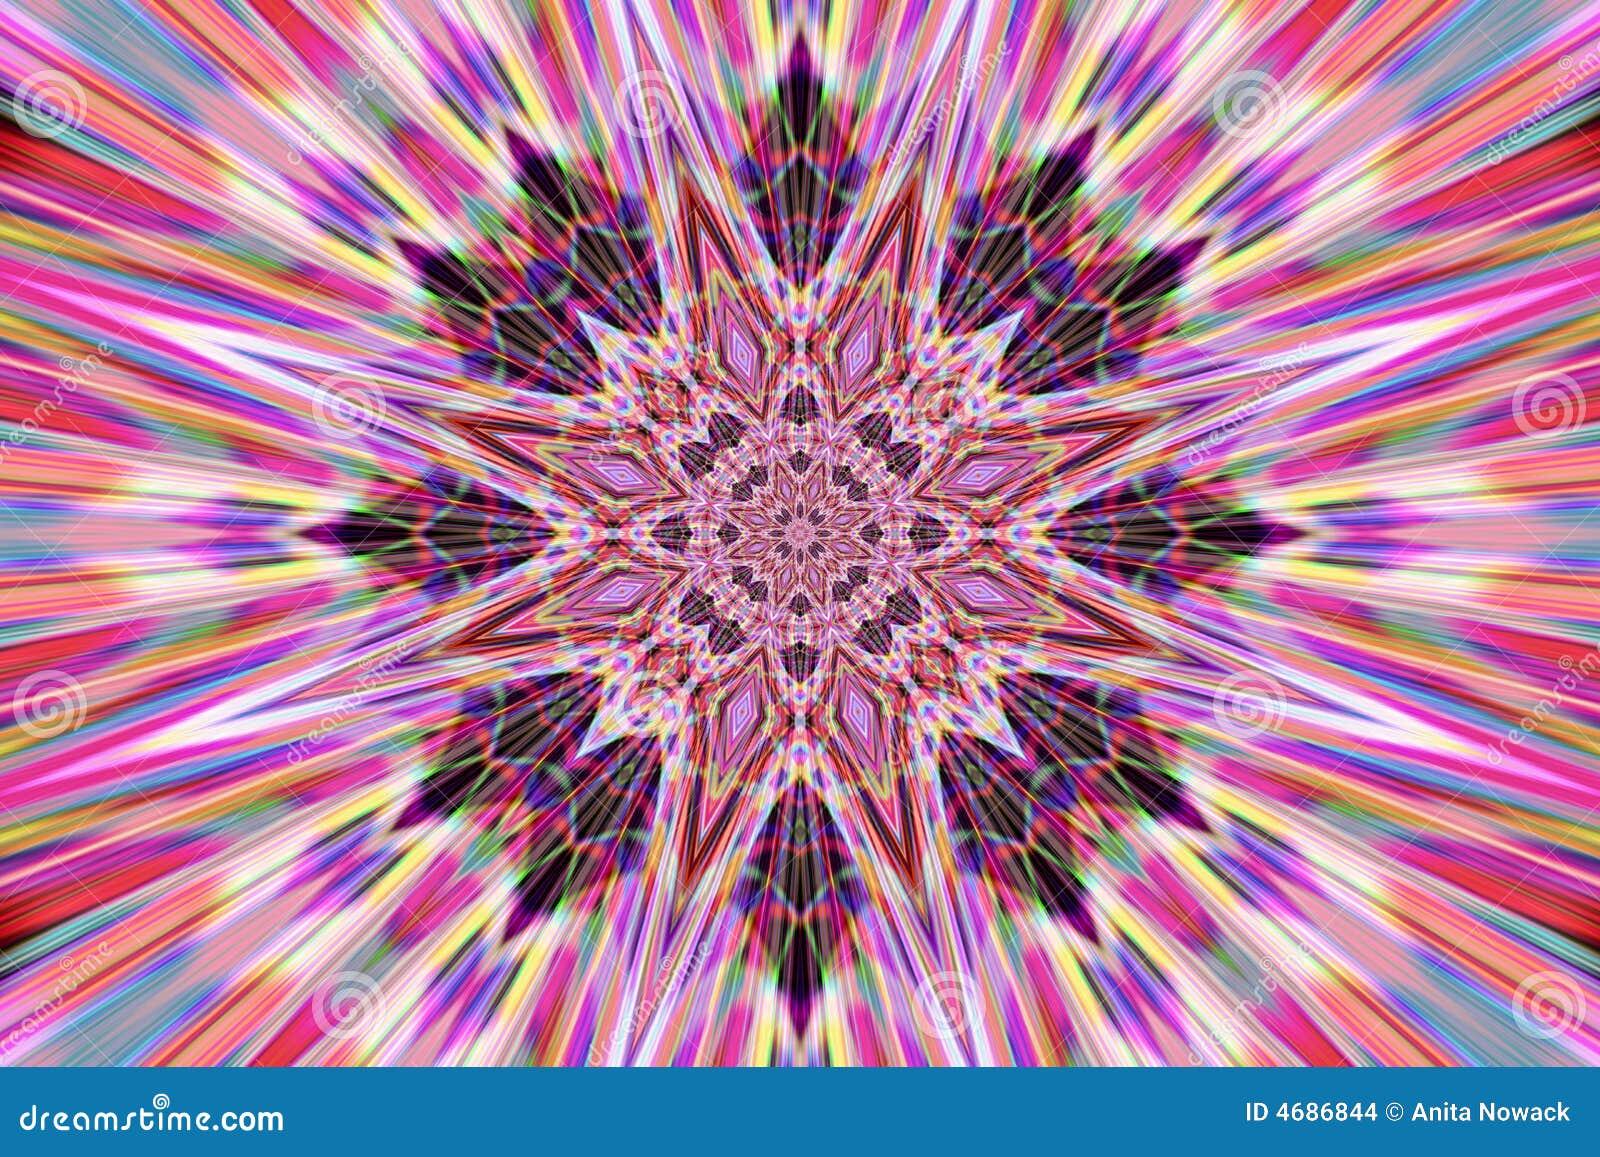 Mandala abstrata